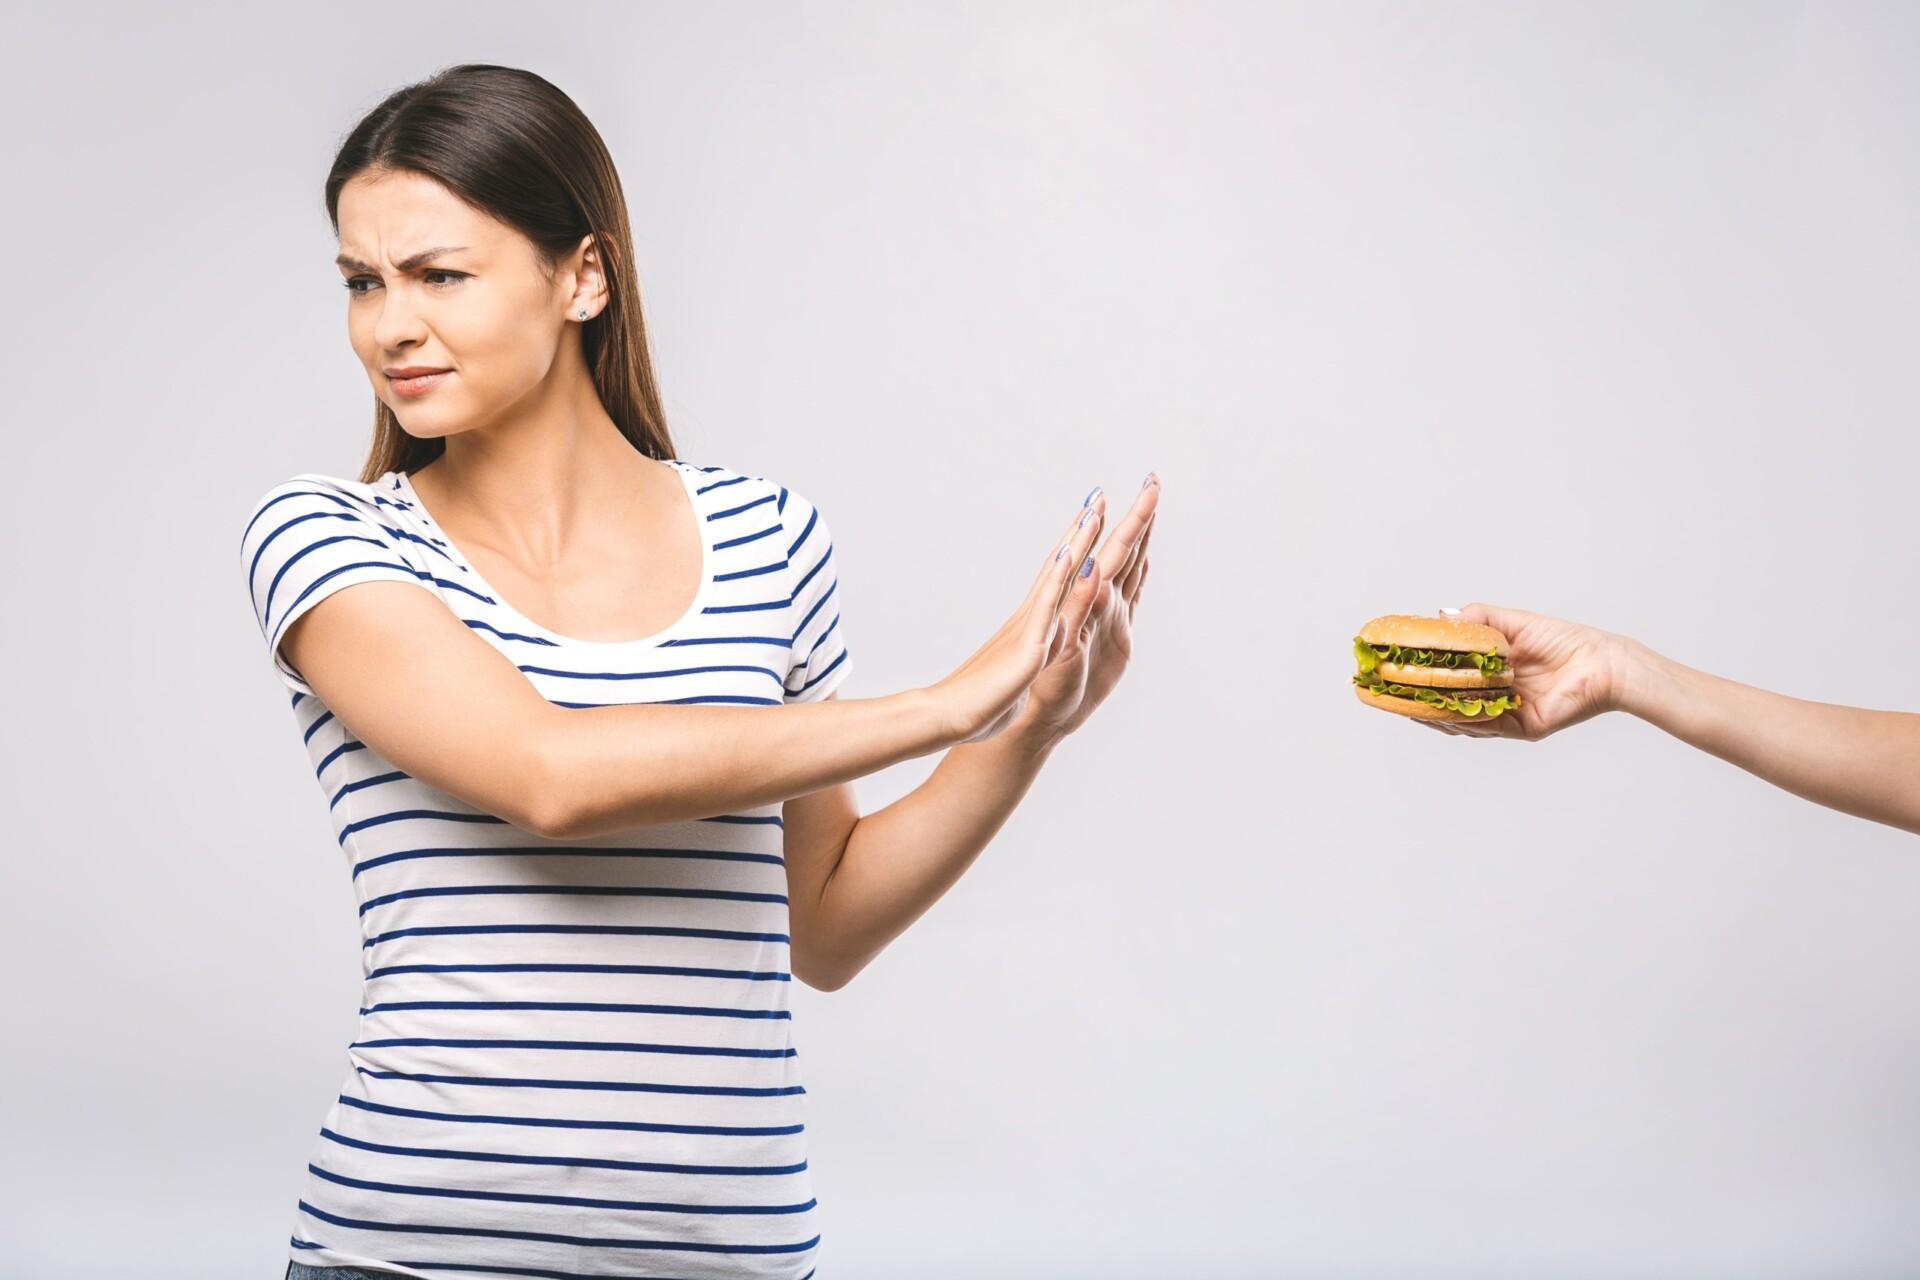 女性がハンバーガーを拒否っている